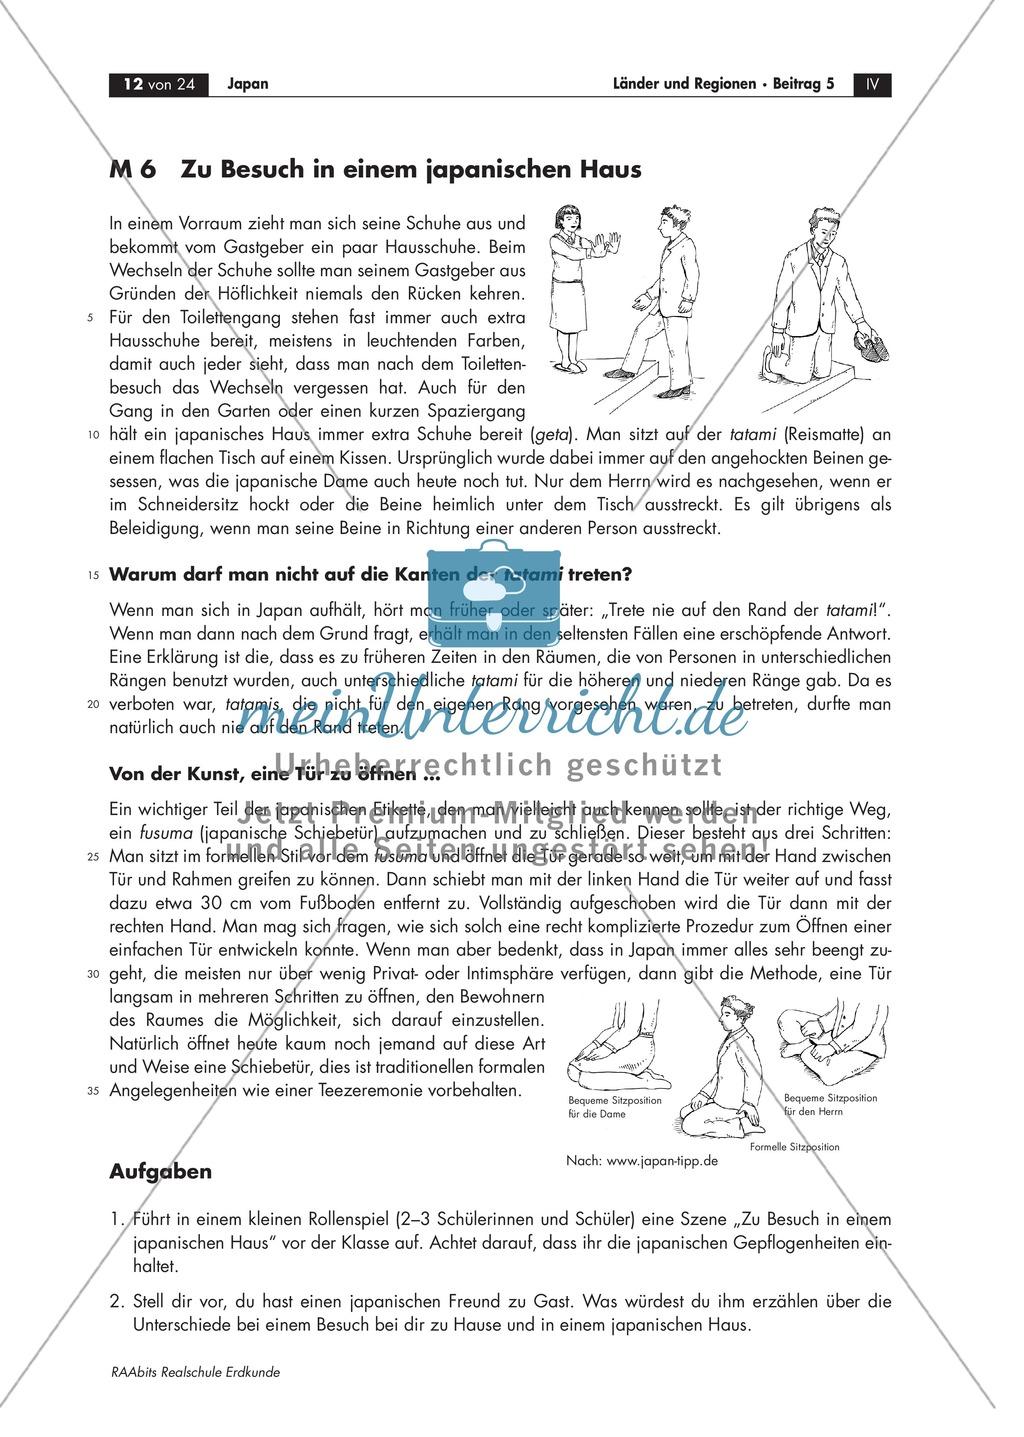 Bräuche und Sitten im modernen Japan kennen lernen: Begrüßungsformen + Umgangsformen Preview 1